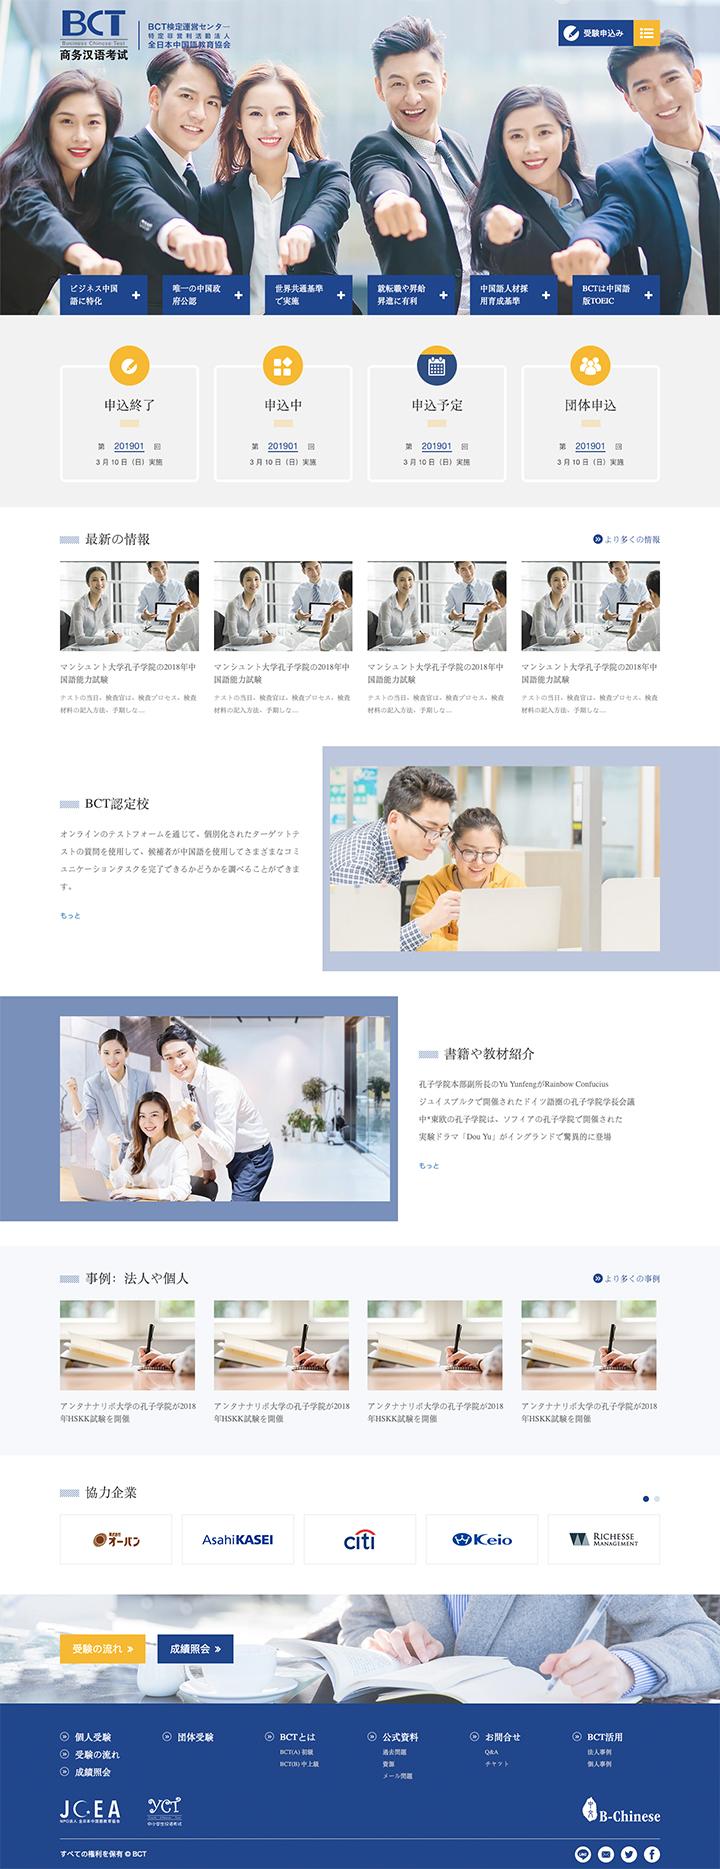 商務漢語考試BCT–中国語能力の国際標準化試験